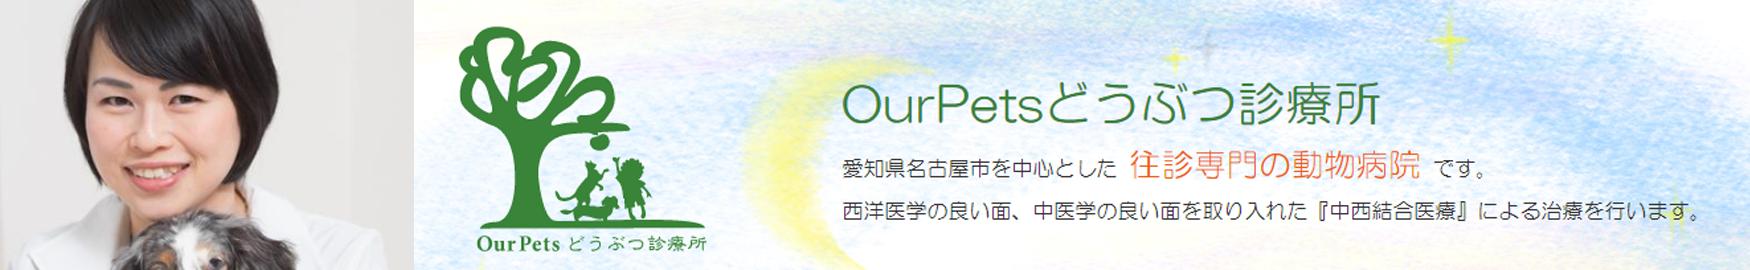 2017.12.0206_クアク美智子先生開業|国際中獣医学院日本校